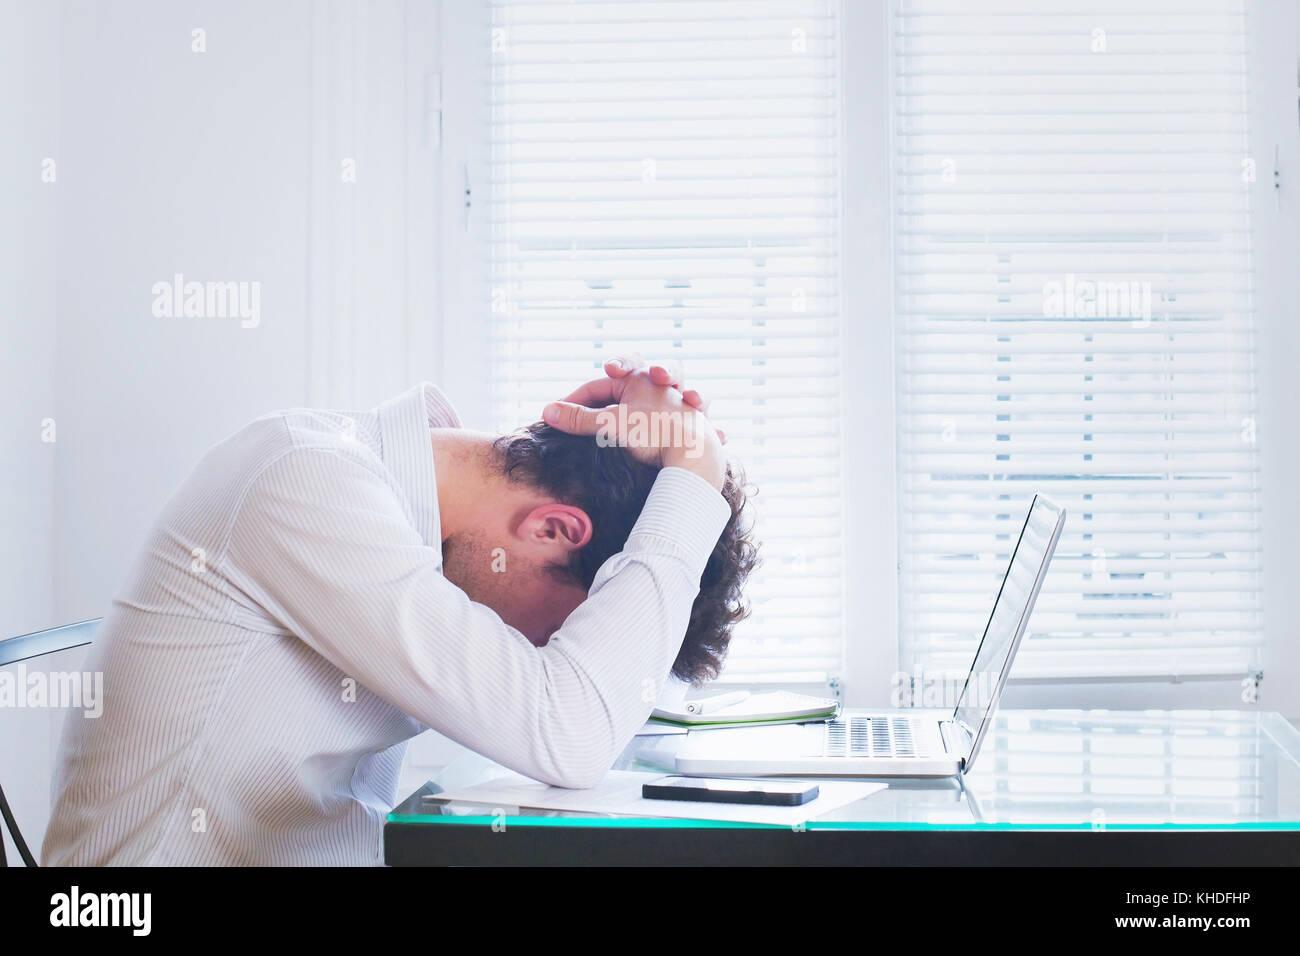 Épuisement émotionnel, homme d'affaires fatigué sur le lieu de travail dans le bureau, concept de stress Banque D'Images